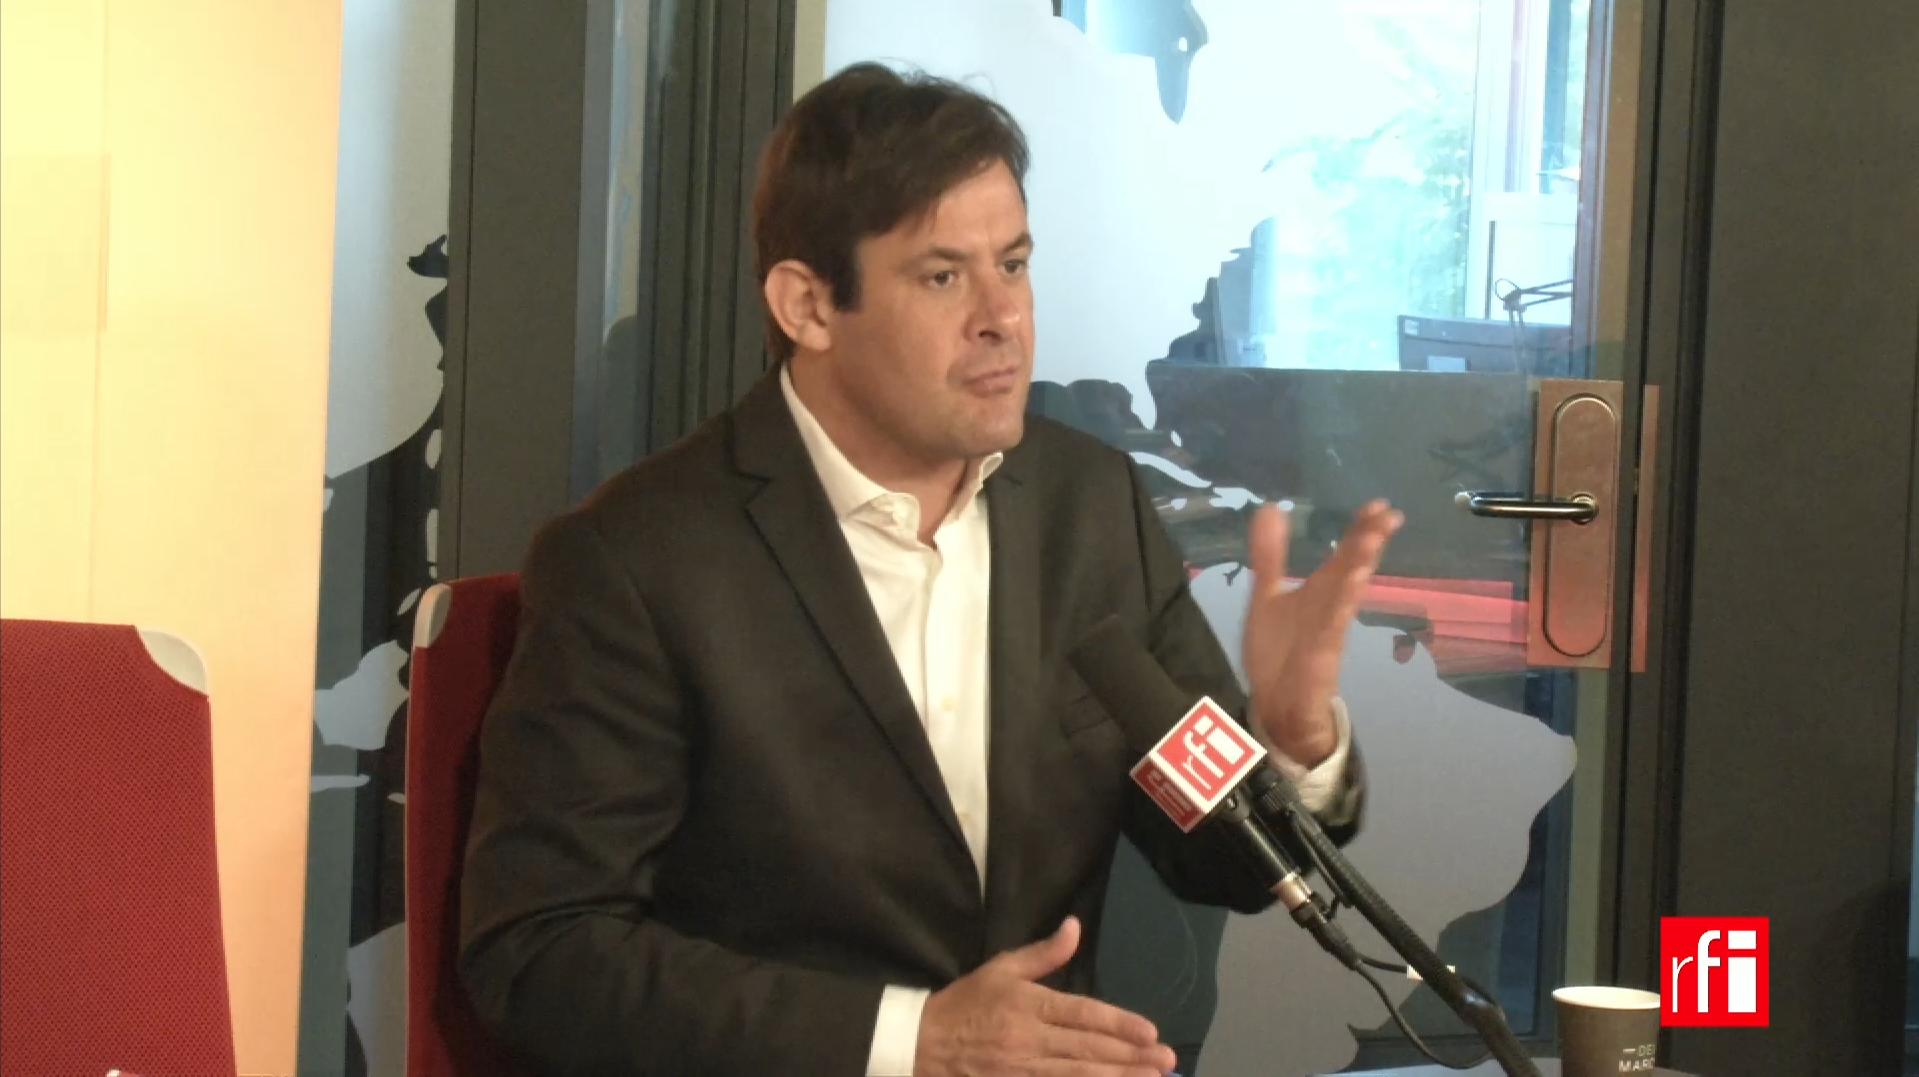 François Kalfon sur RFI le 31 juillet 2017.